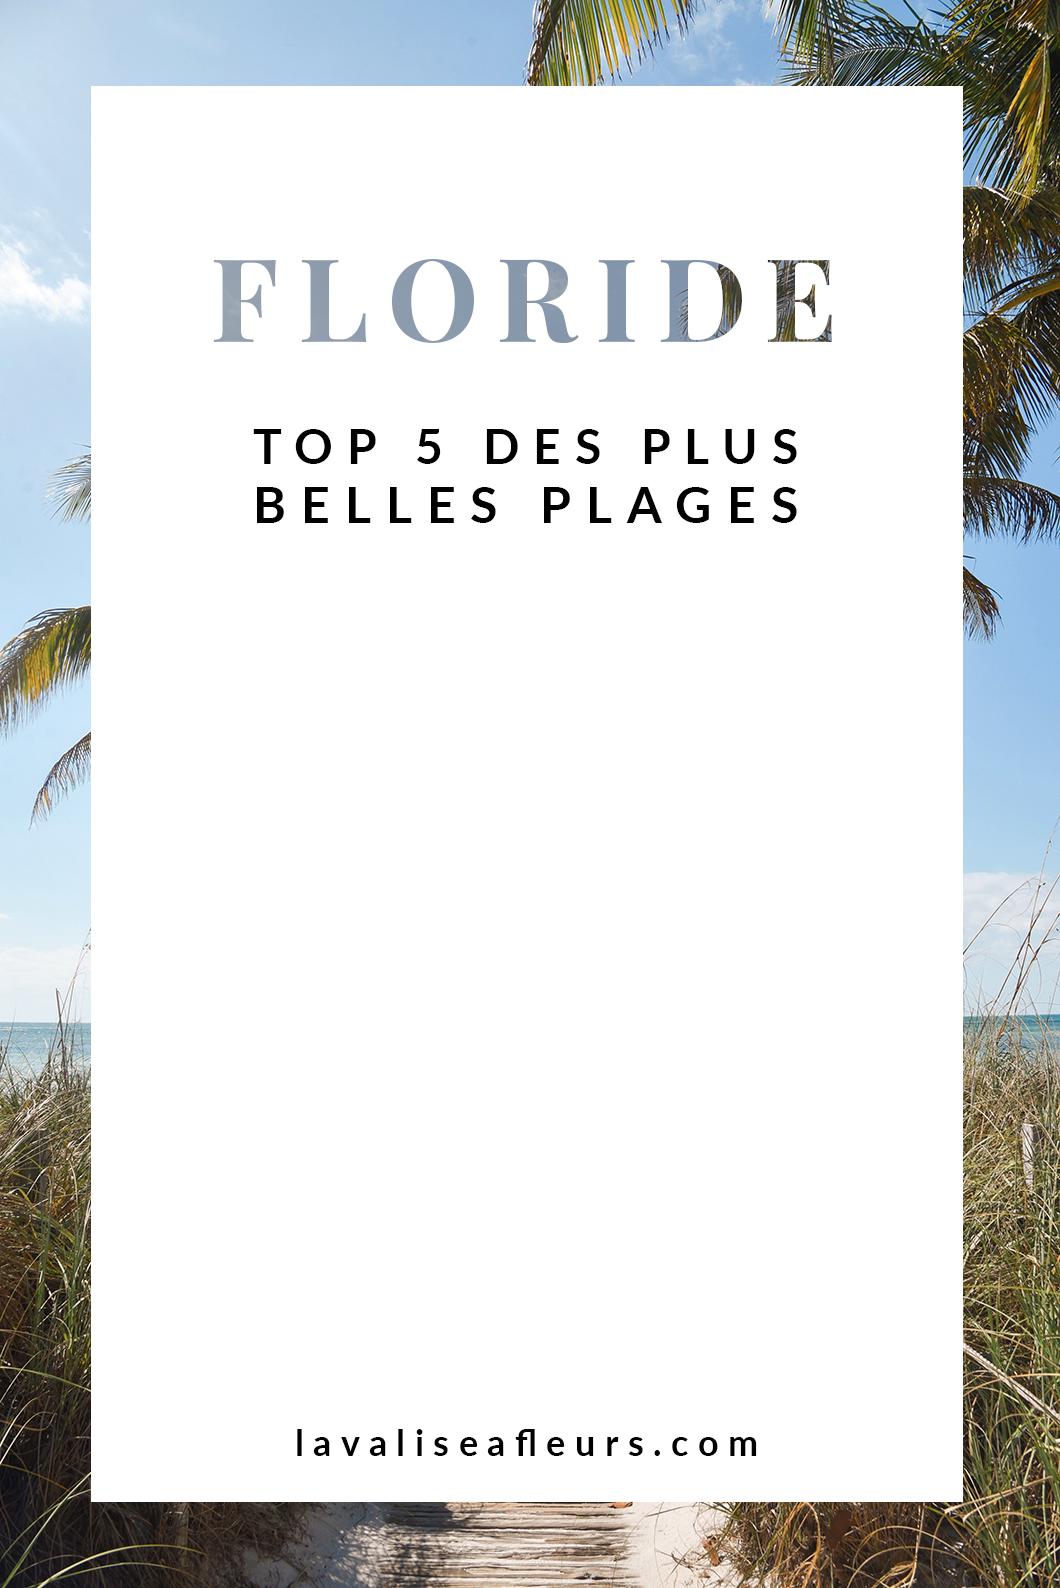 Les plus belles plages de Floride aux USA